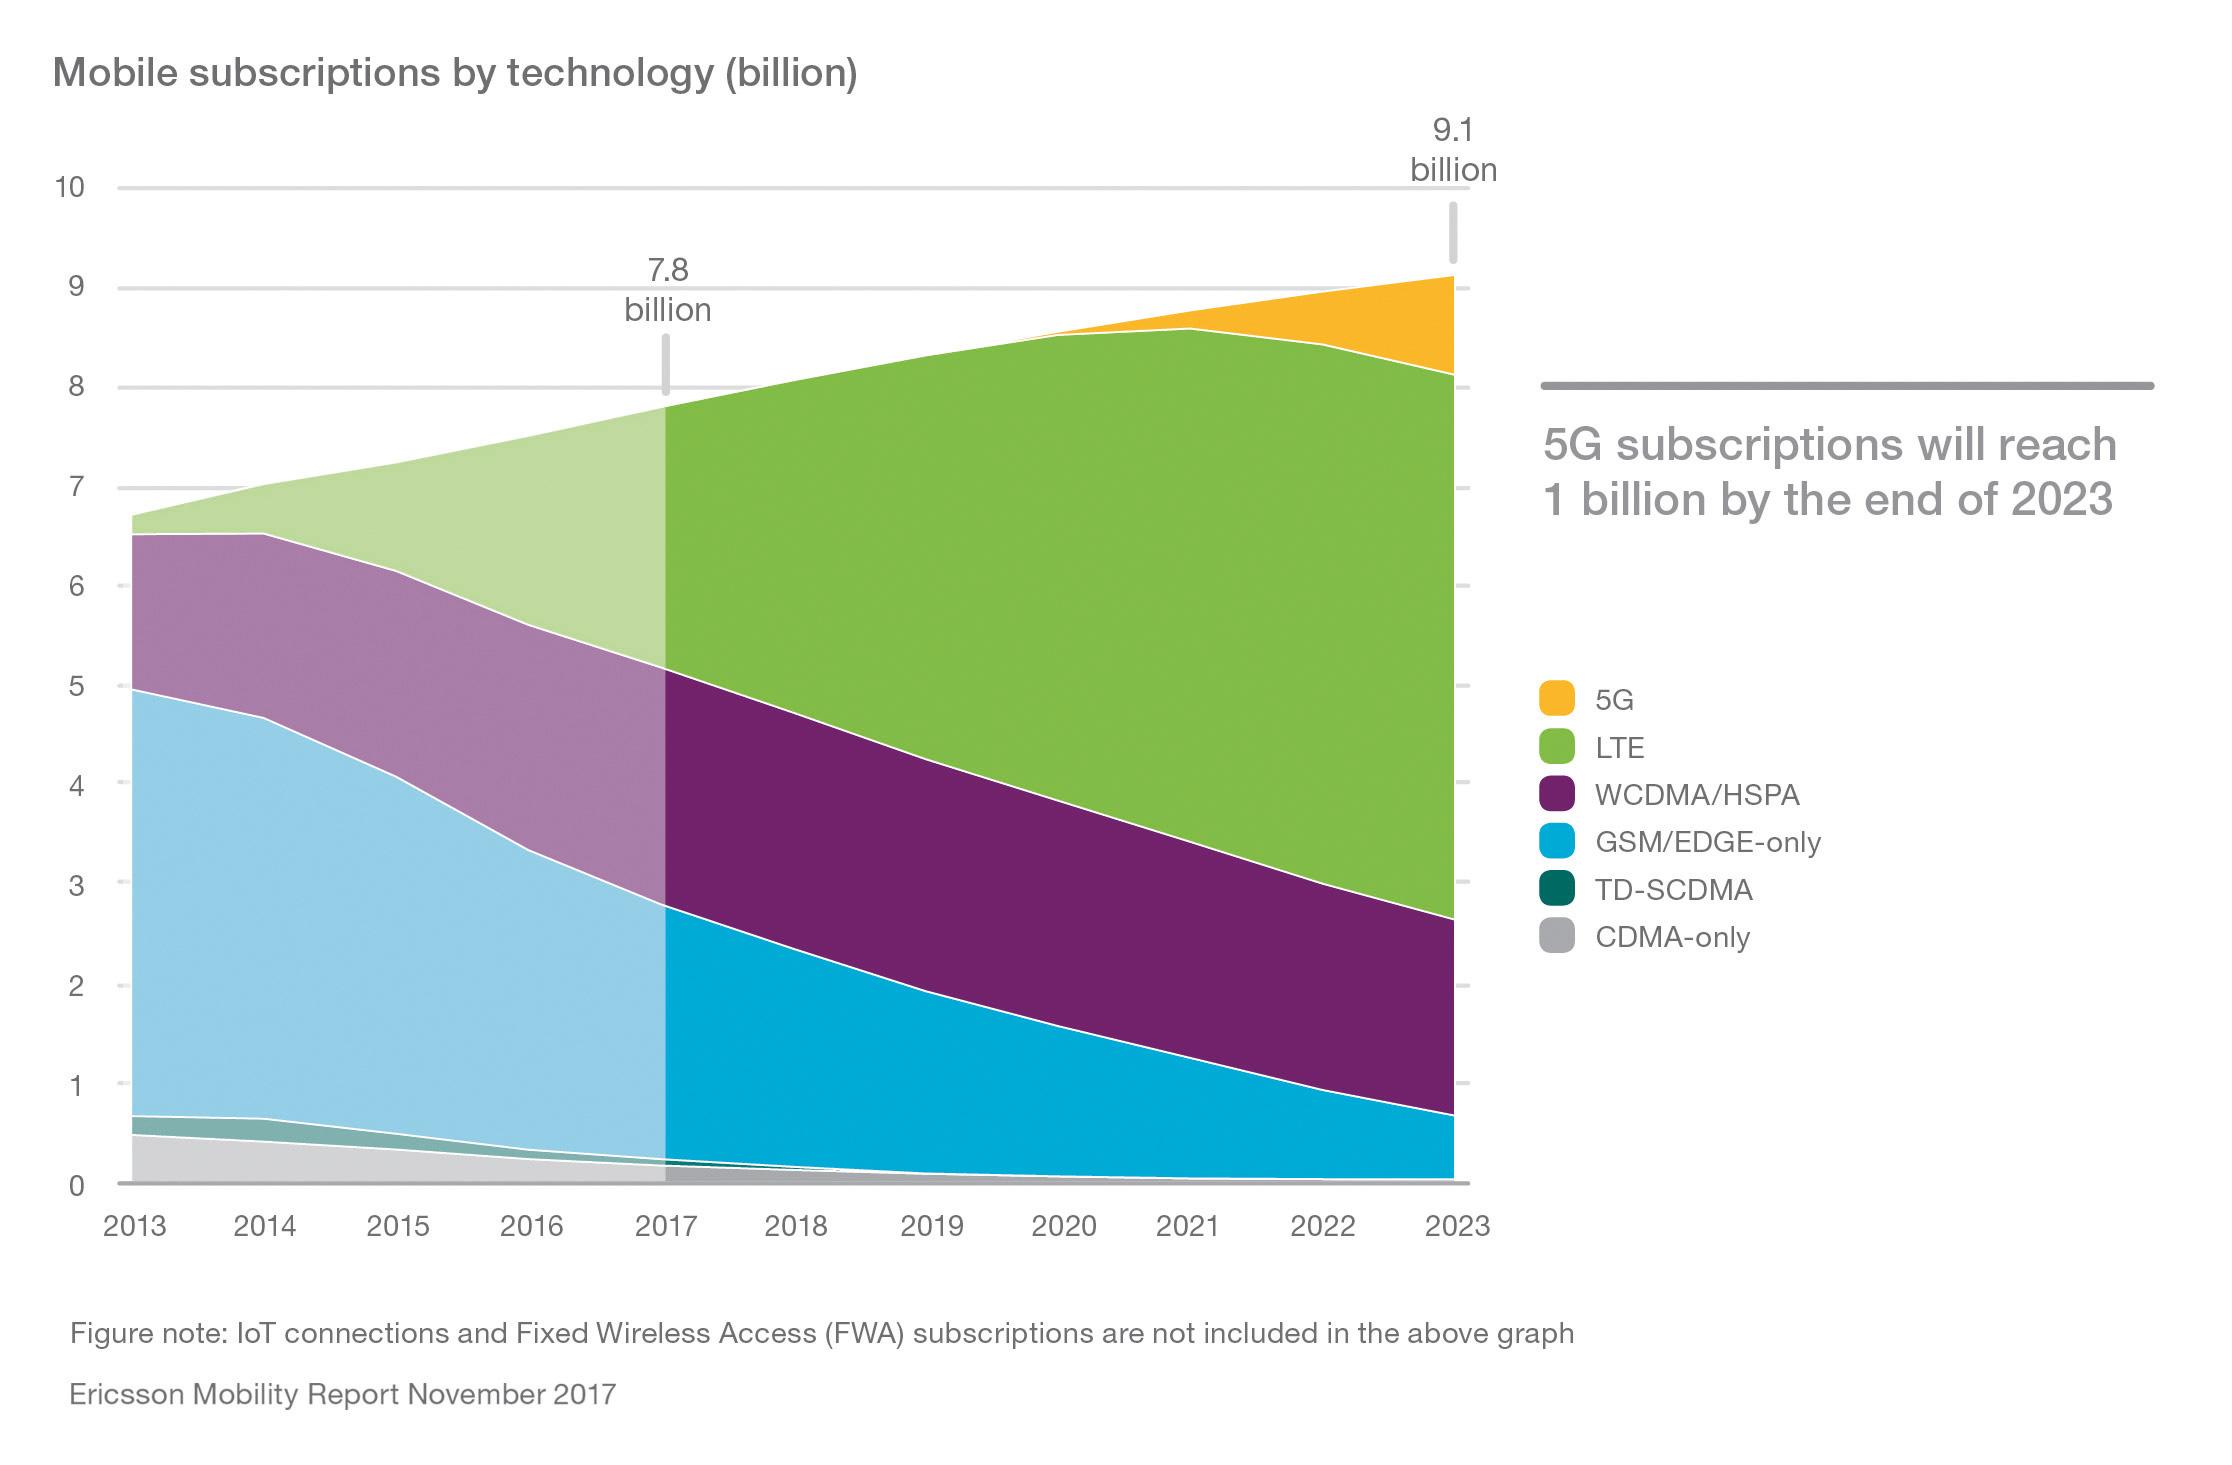 1 miliard de abonamente 5G în 2023